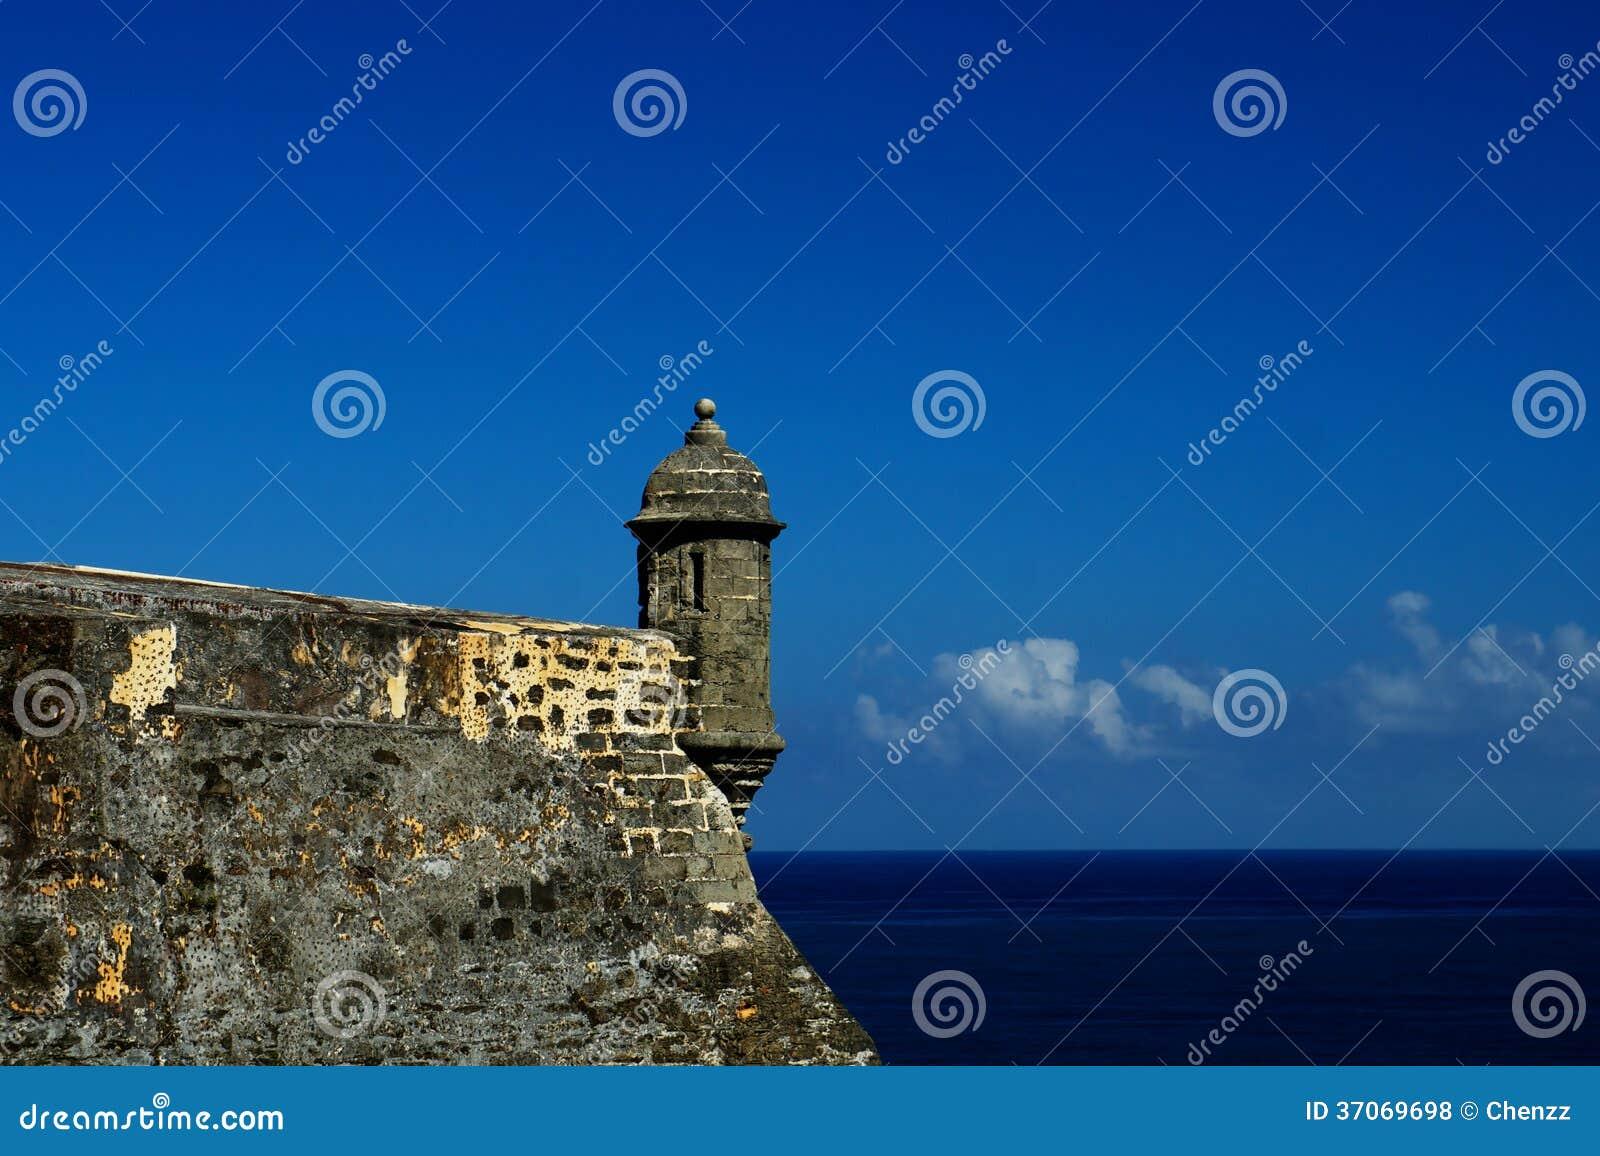 El-Morro, Bastion in San Juan